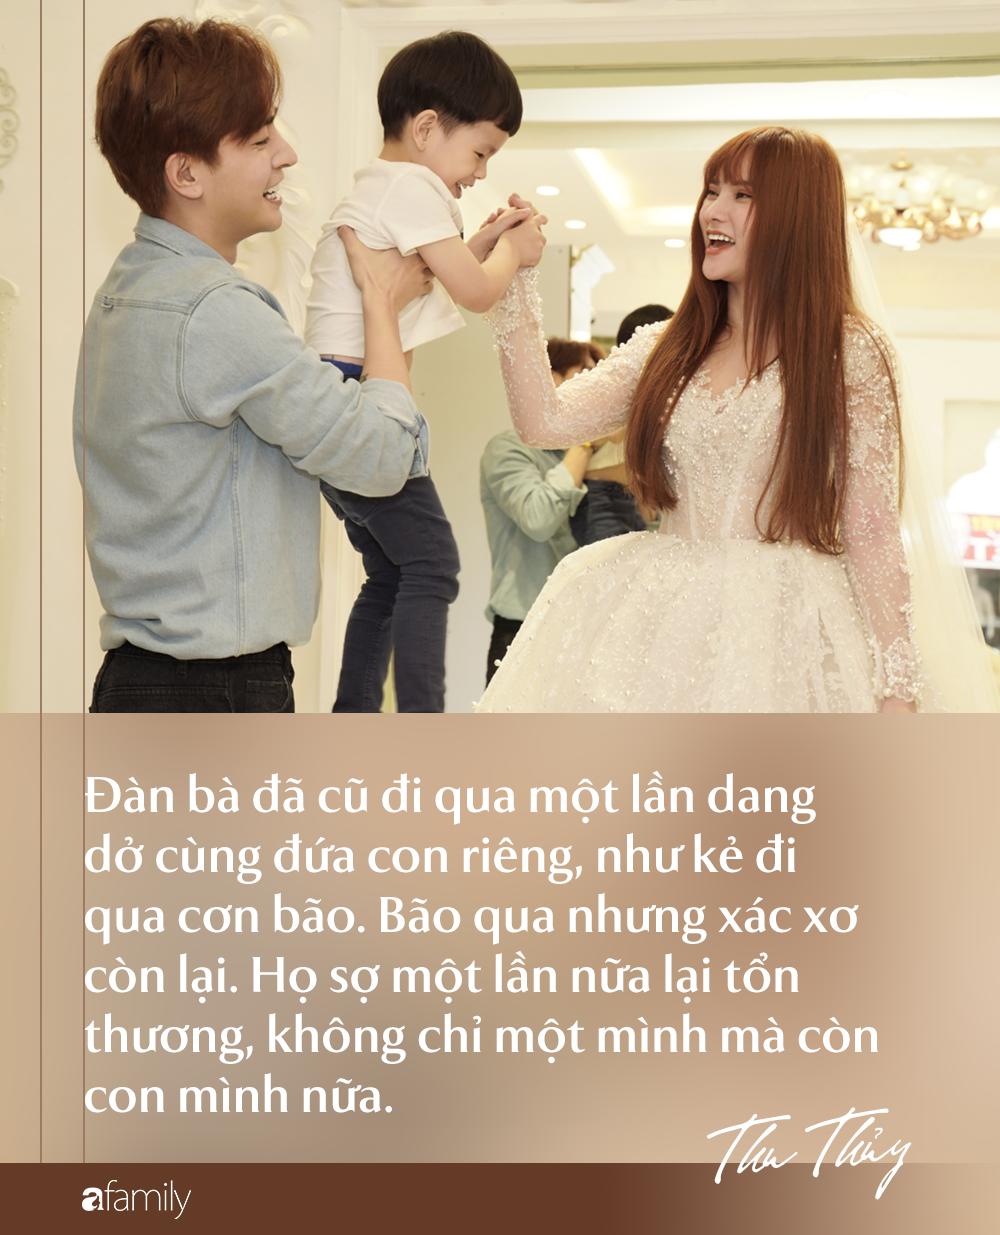 Từ chuyện chồng trẻ Kin Nguyễn cấu tay con Thu Thủy: Đàn bà có con riêng tái hôn không chỉ là chuyện chọn chồng-1